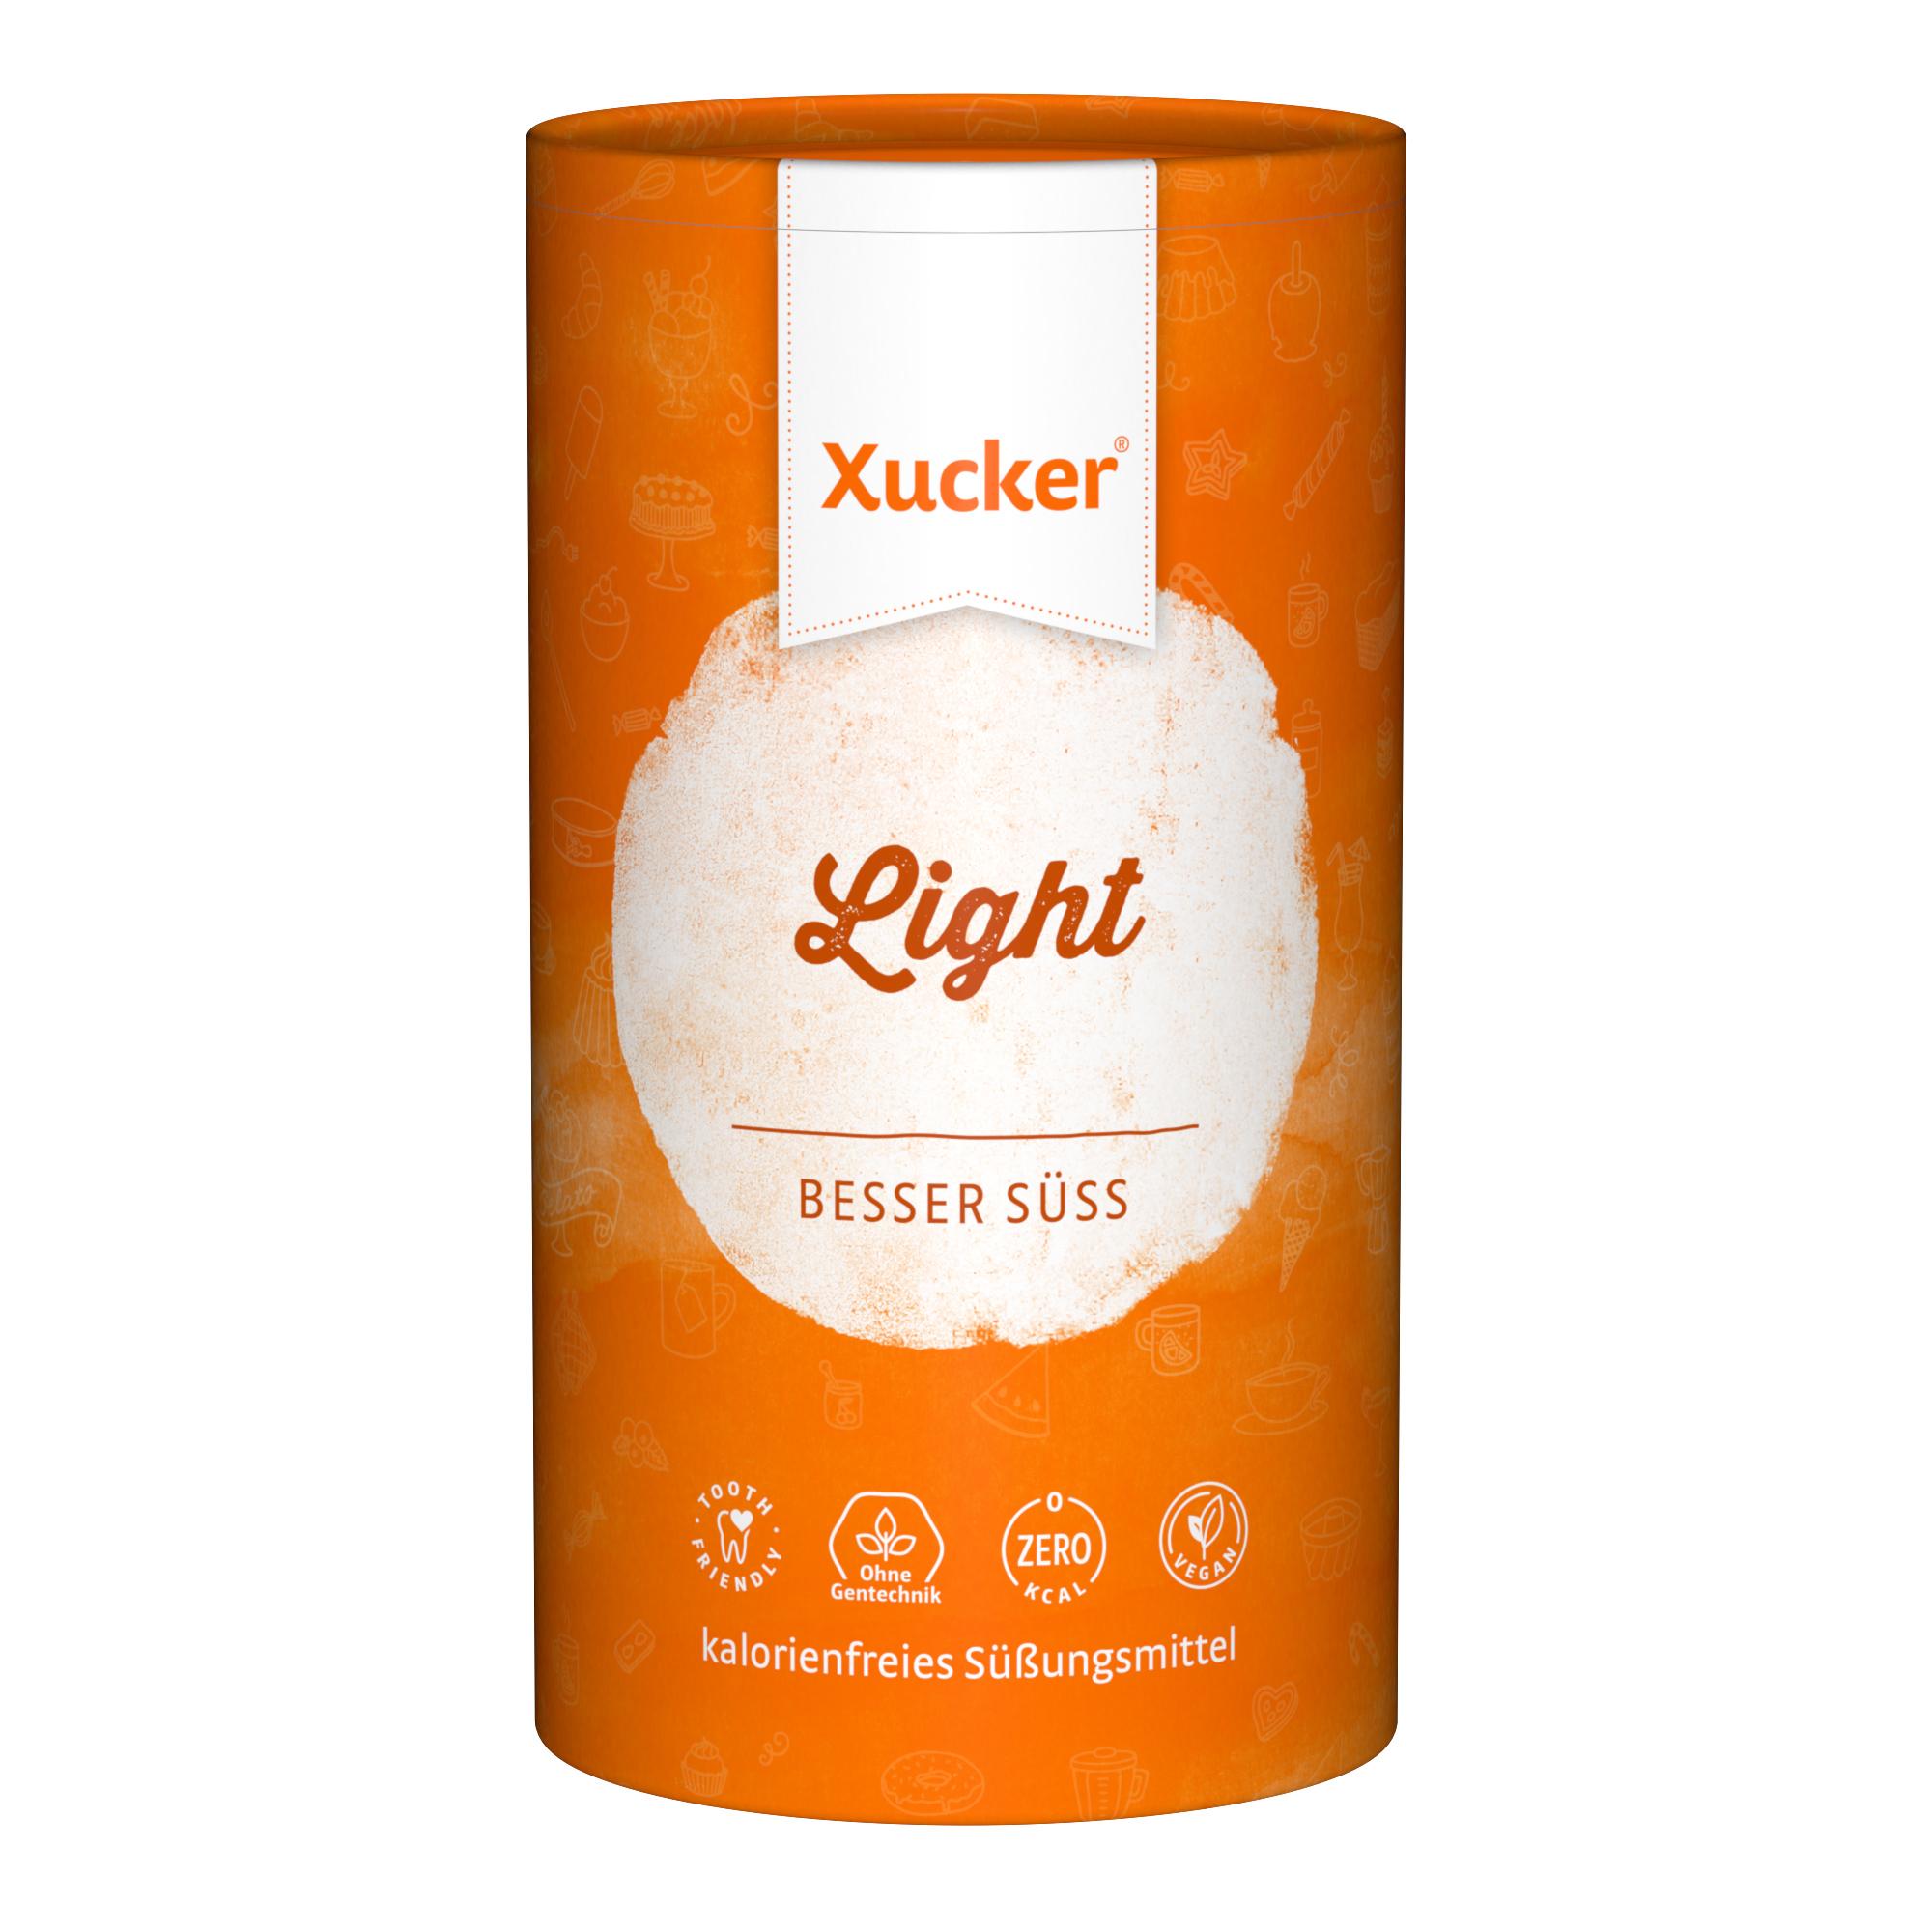 1 kg xucker light erythrit